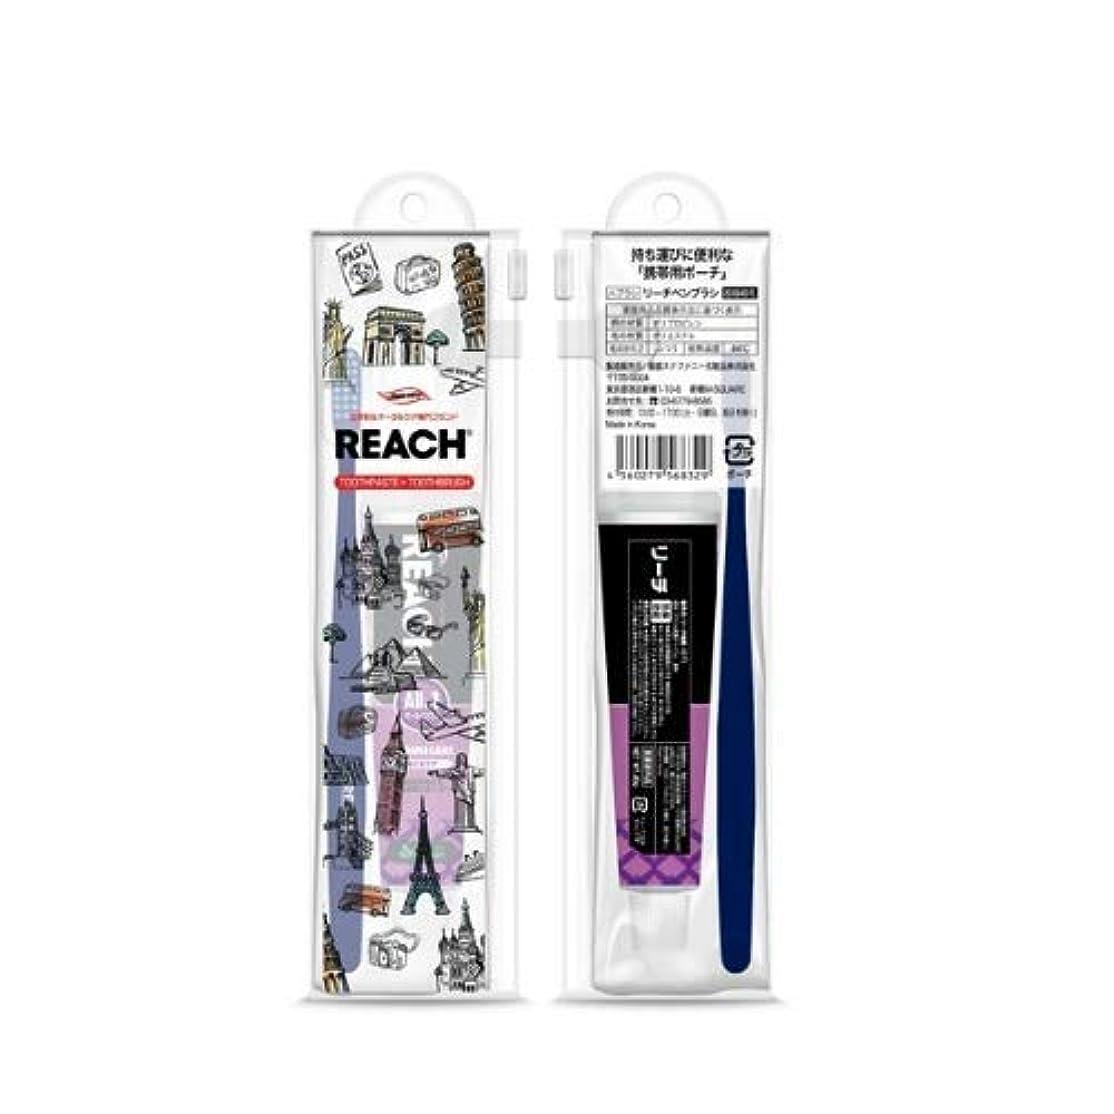 拒絶するピクニック関連付けるリーチトラベルセット(デンタル歯ブラシ1本?薬用歯みがき40g) × 3個セット